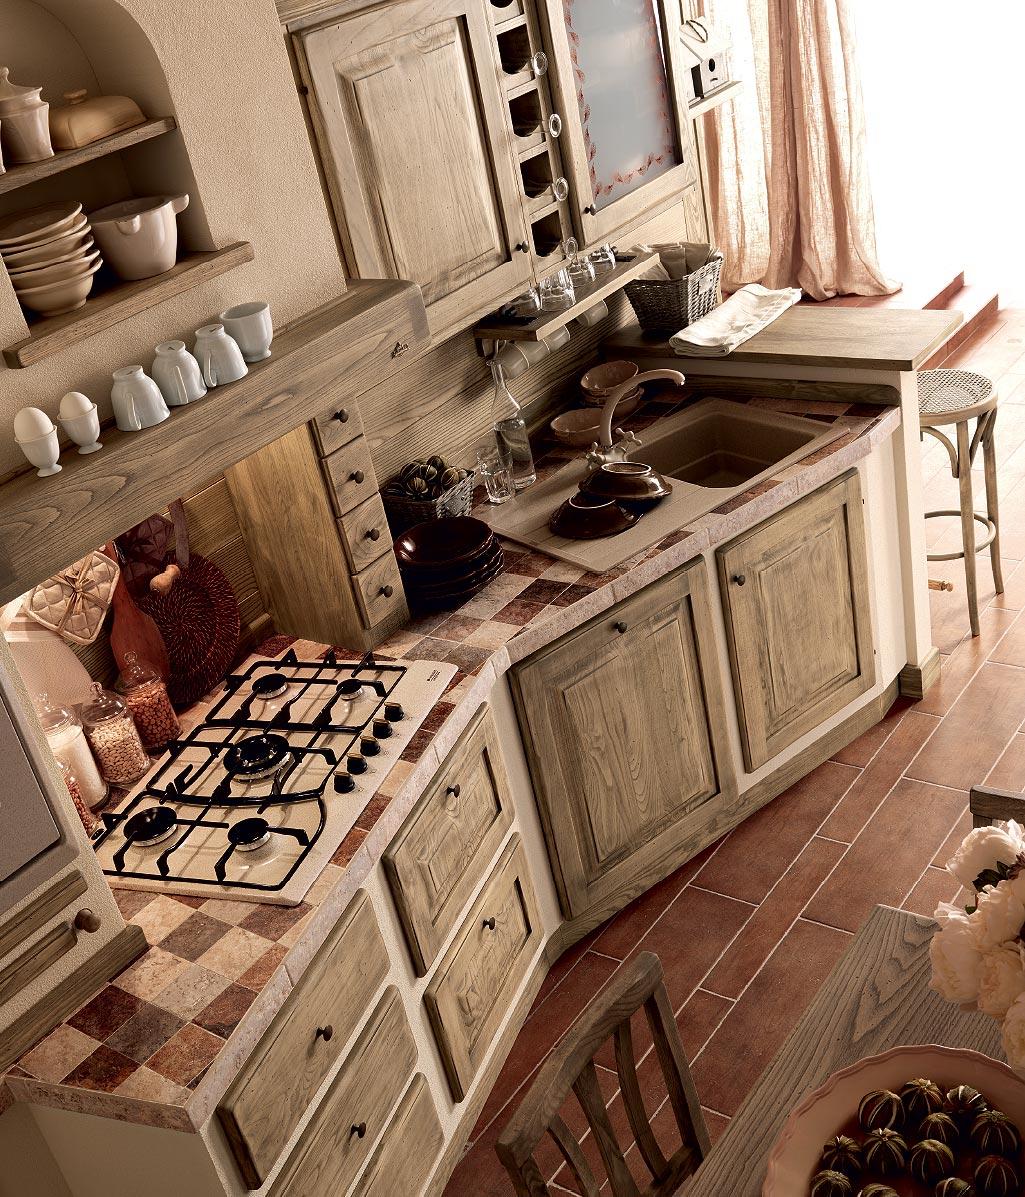 Quale top per la cucina? Il piano piastrellato - Lineatre ...